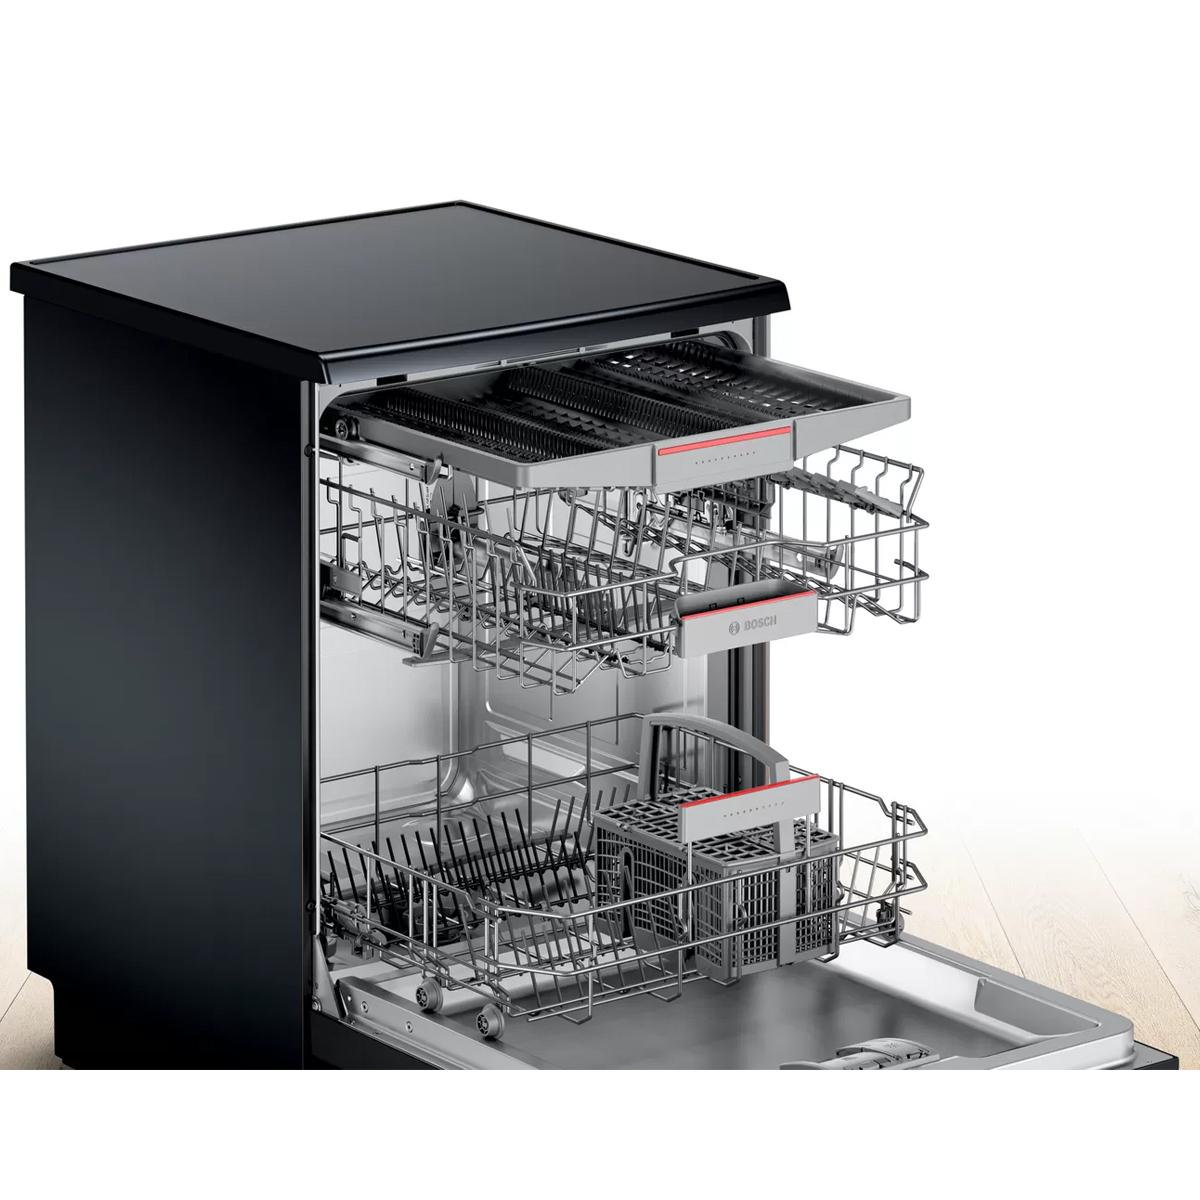 Посудомоечная машина Bosch SMS46NB01B (черный)  - 3